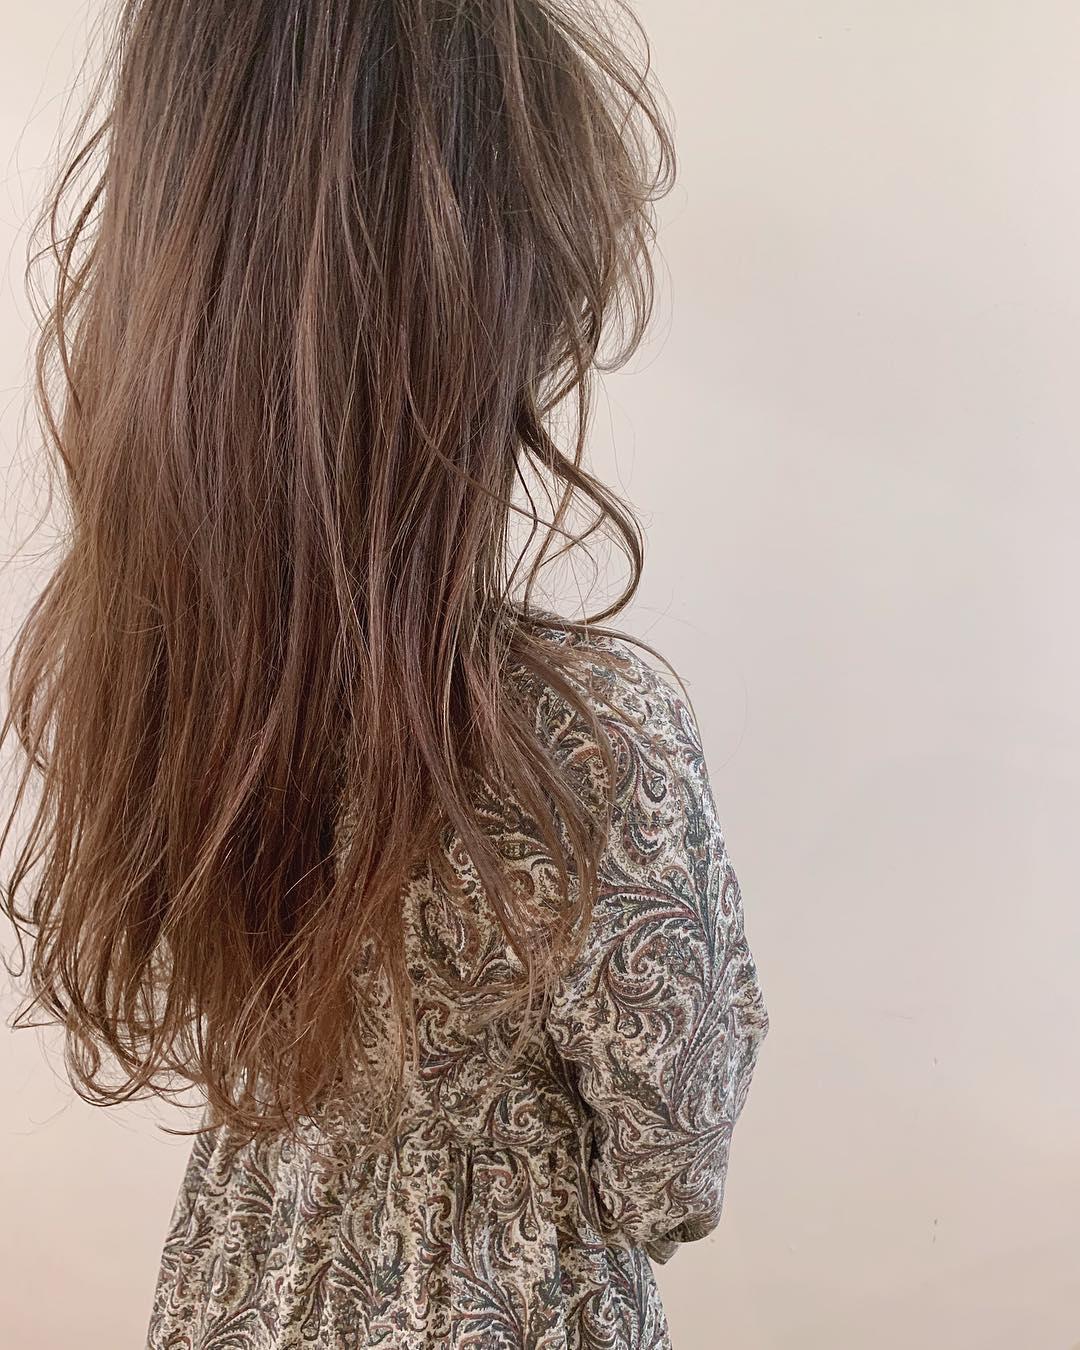 寒いから髪を結びたくない!そんな女子たちにおすすめの巻き髪スタイル8